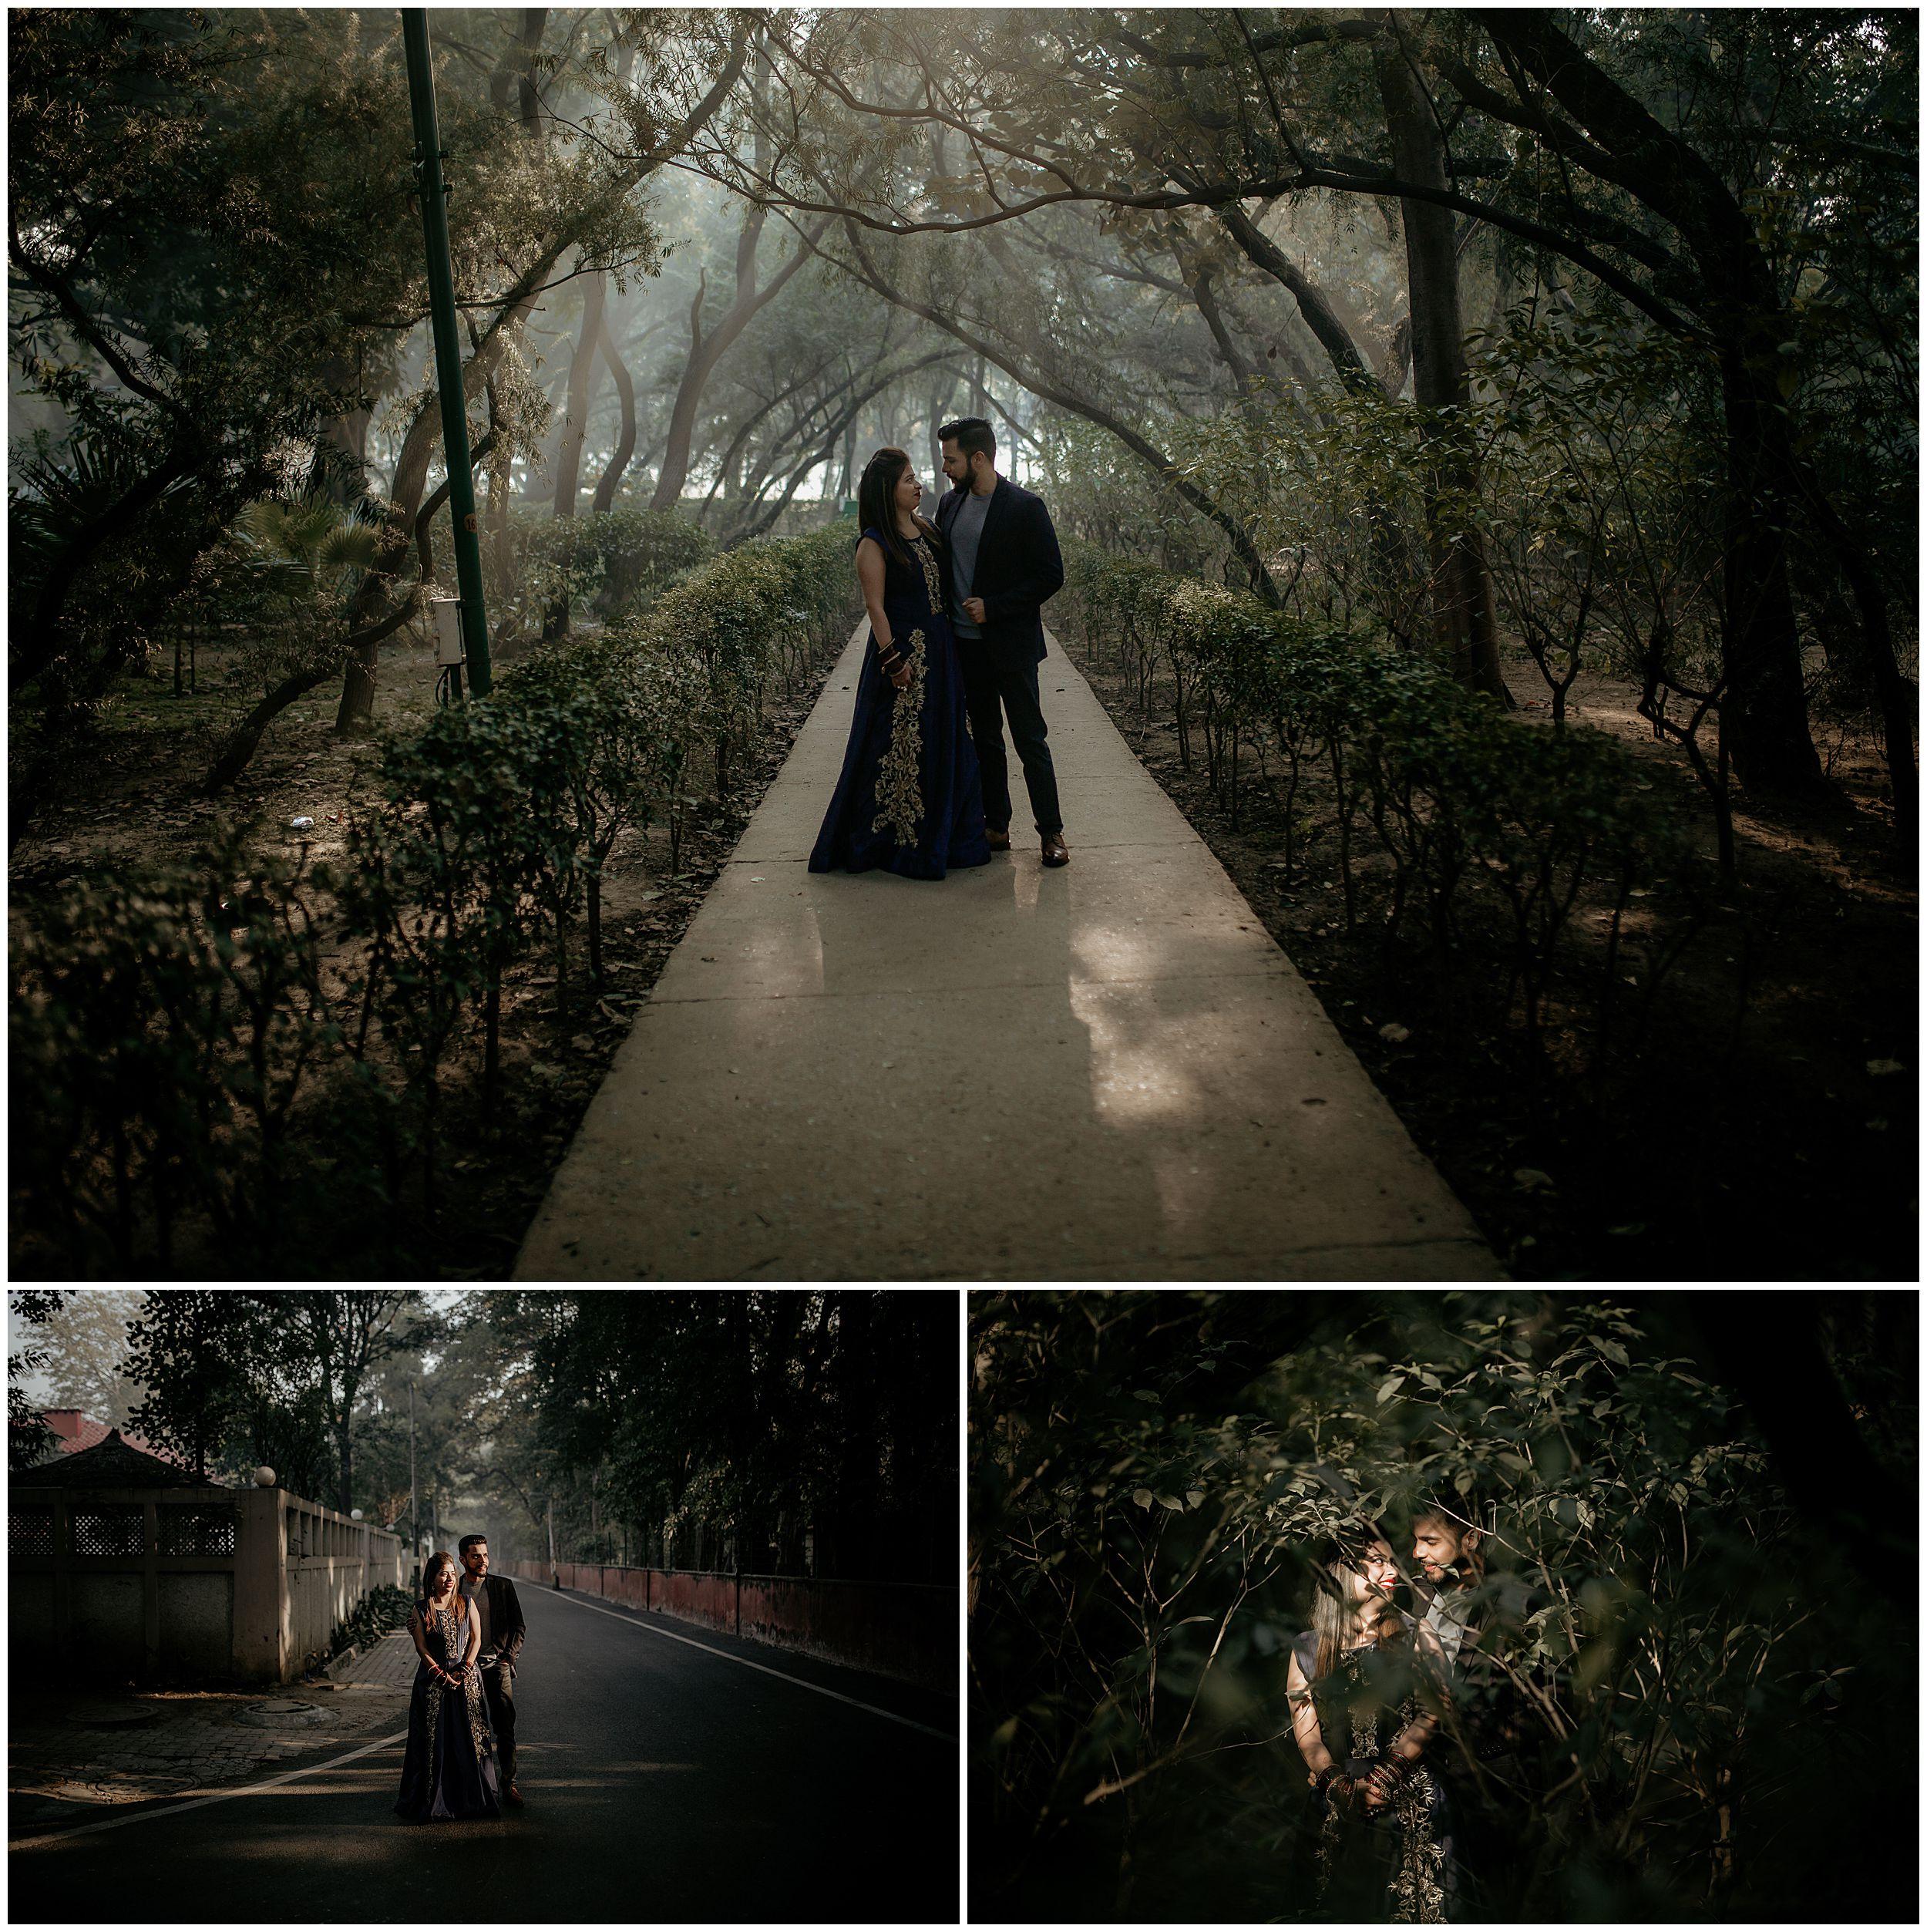 RABBYA_SHARAD_MYVISUALARTISTRY_WEDDING_PHOTOGRAPHY_MVA_DELHI2.jpg